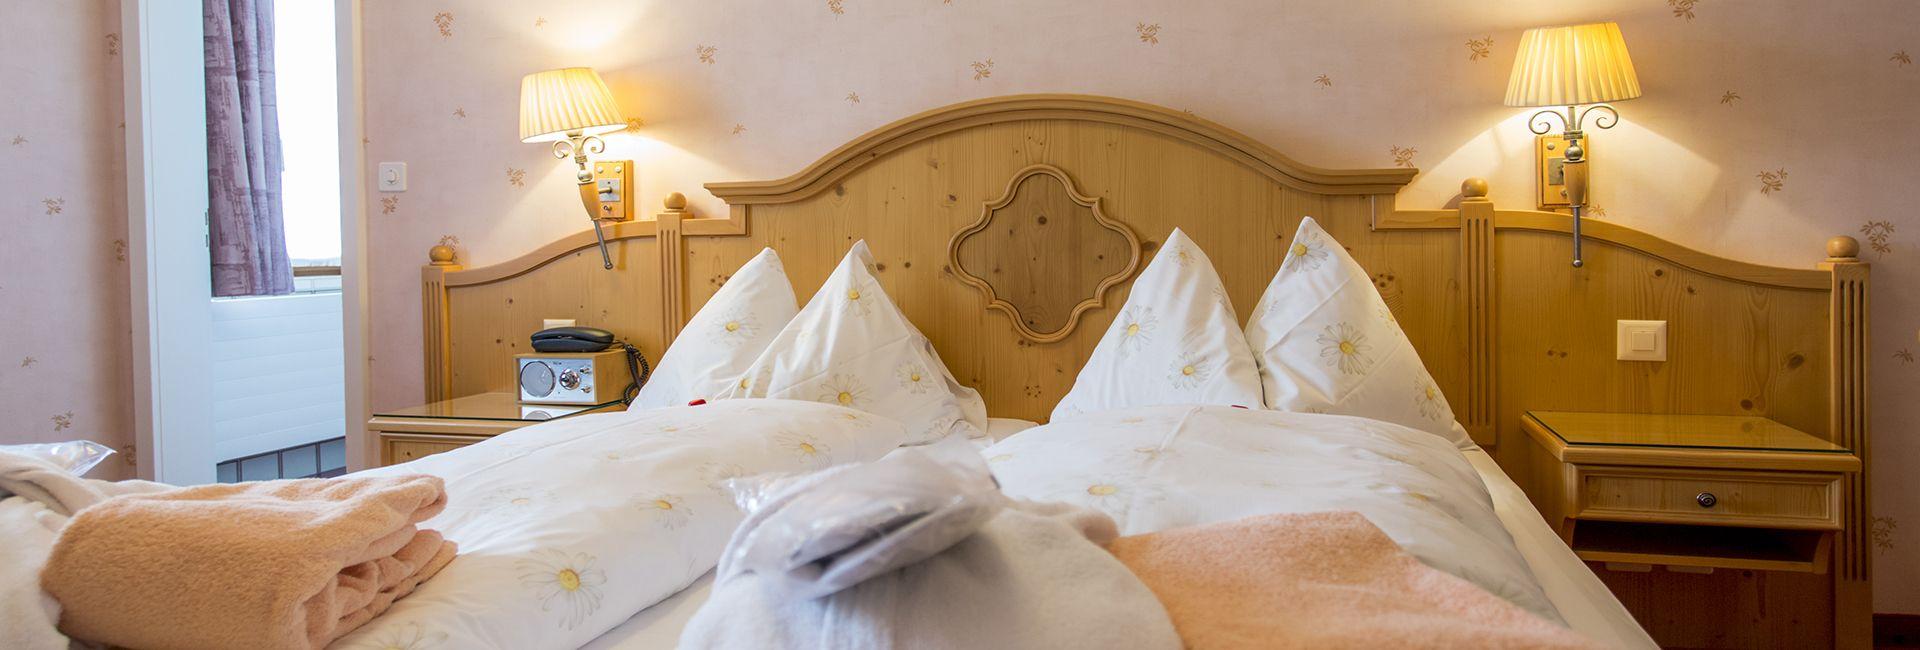 Zimmerbeispiel Hotel Cresta Flims